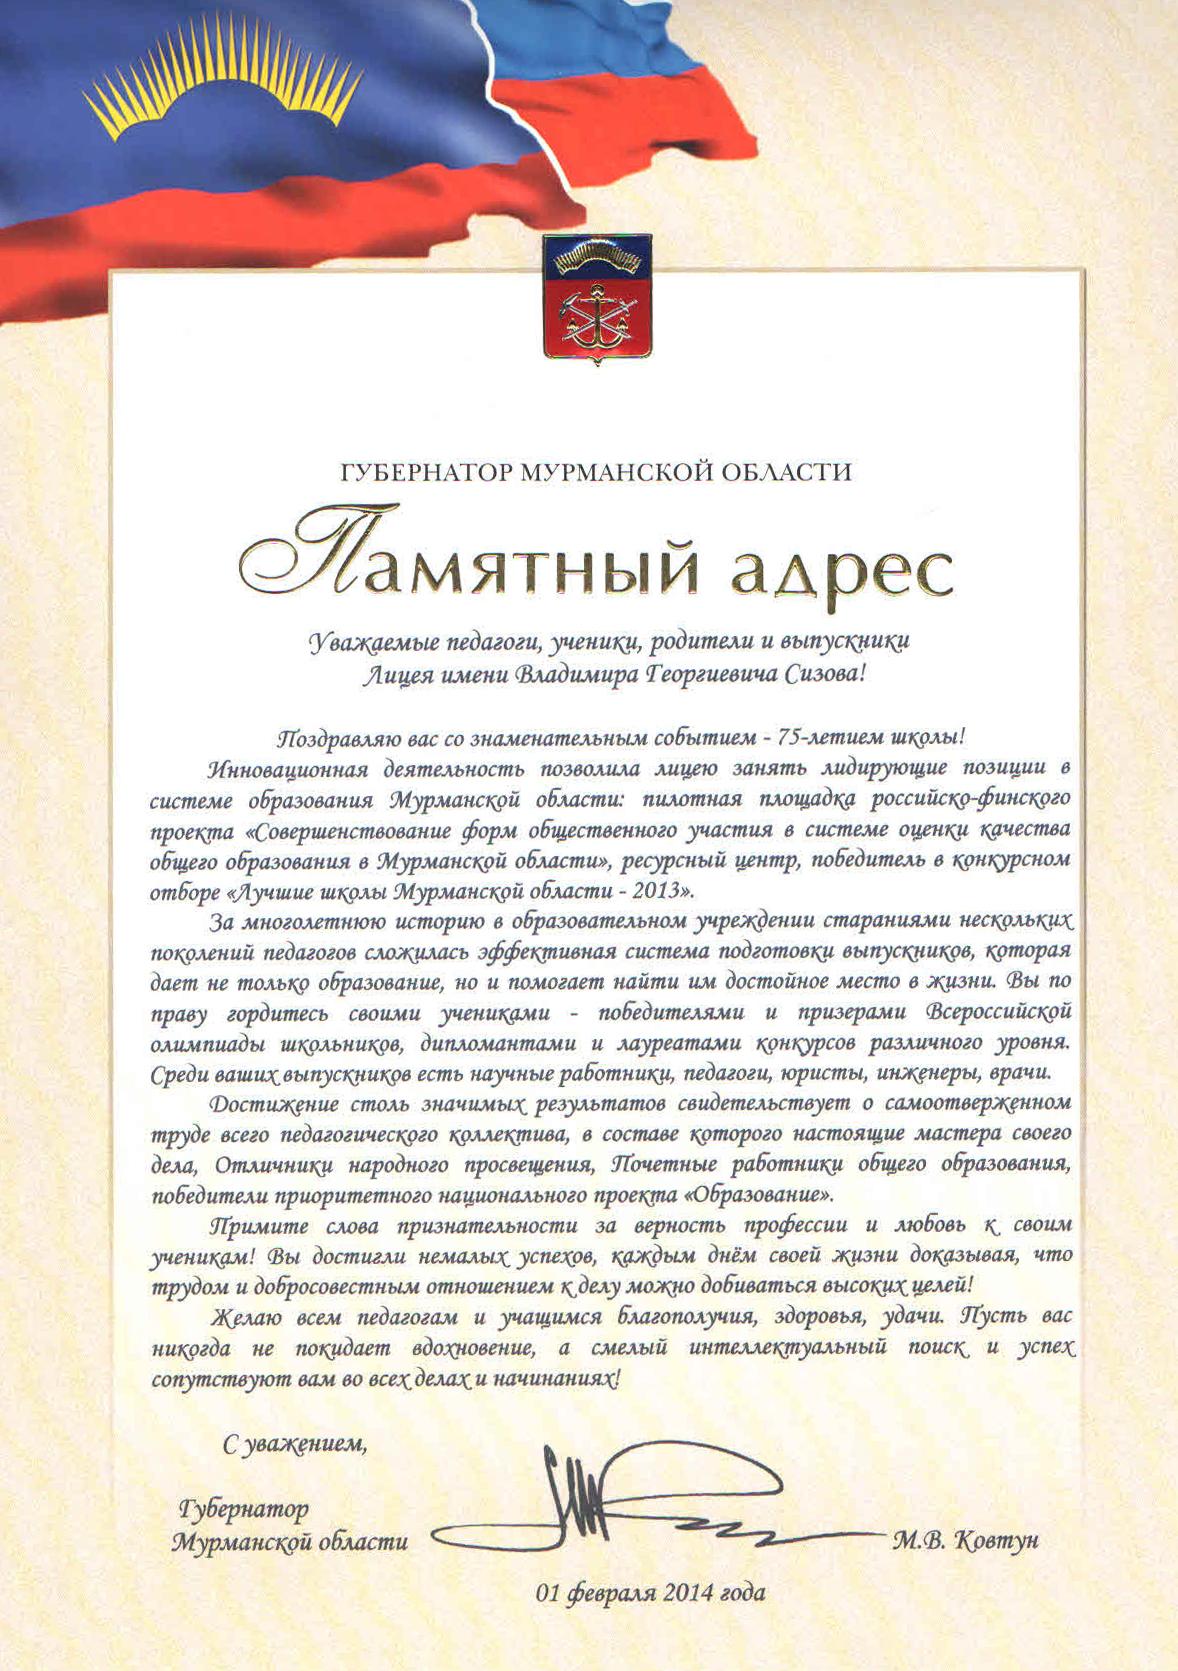 Официальные поздравления к юбилею школы